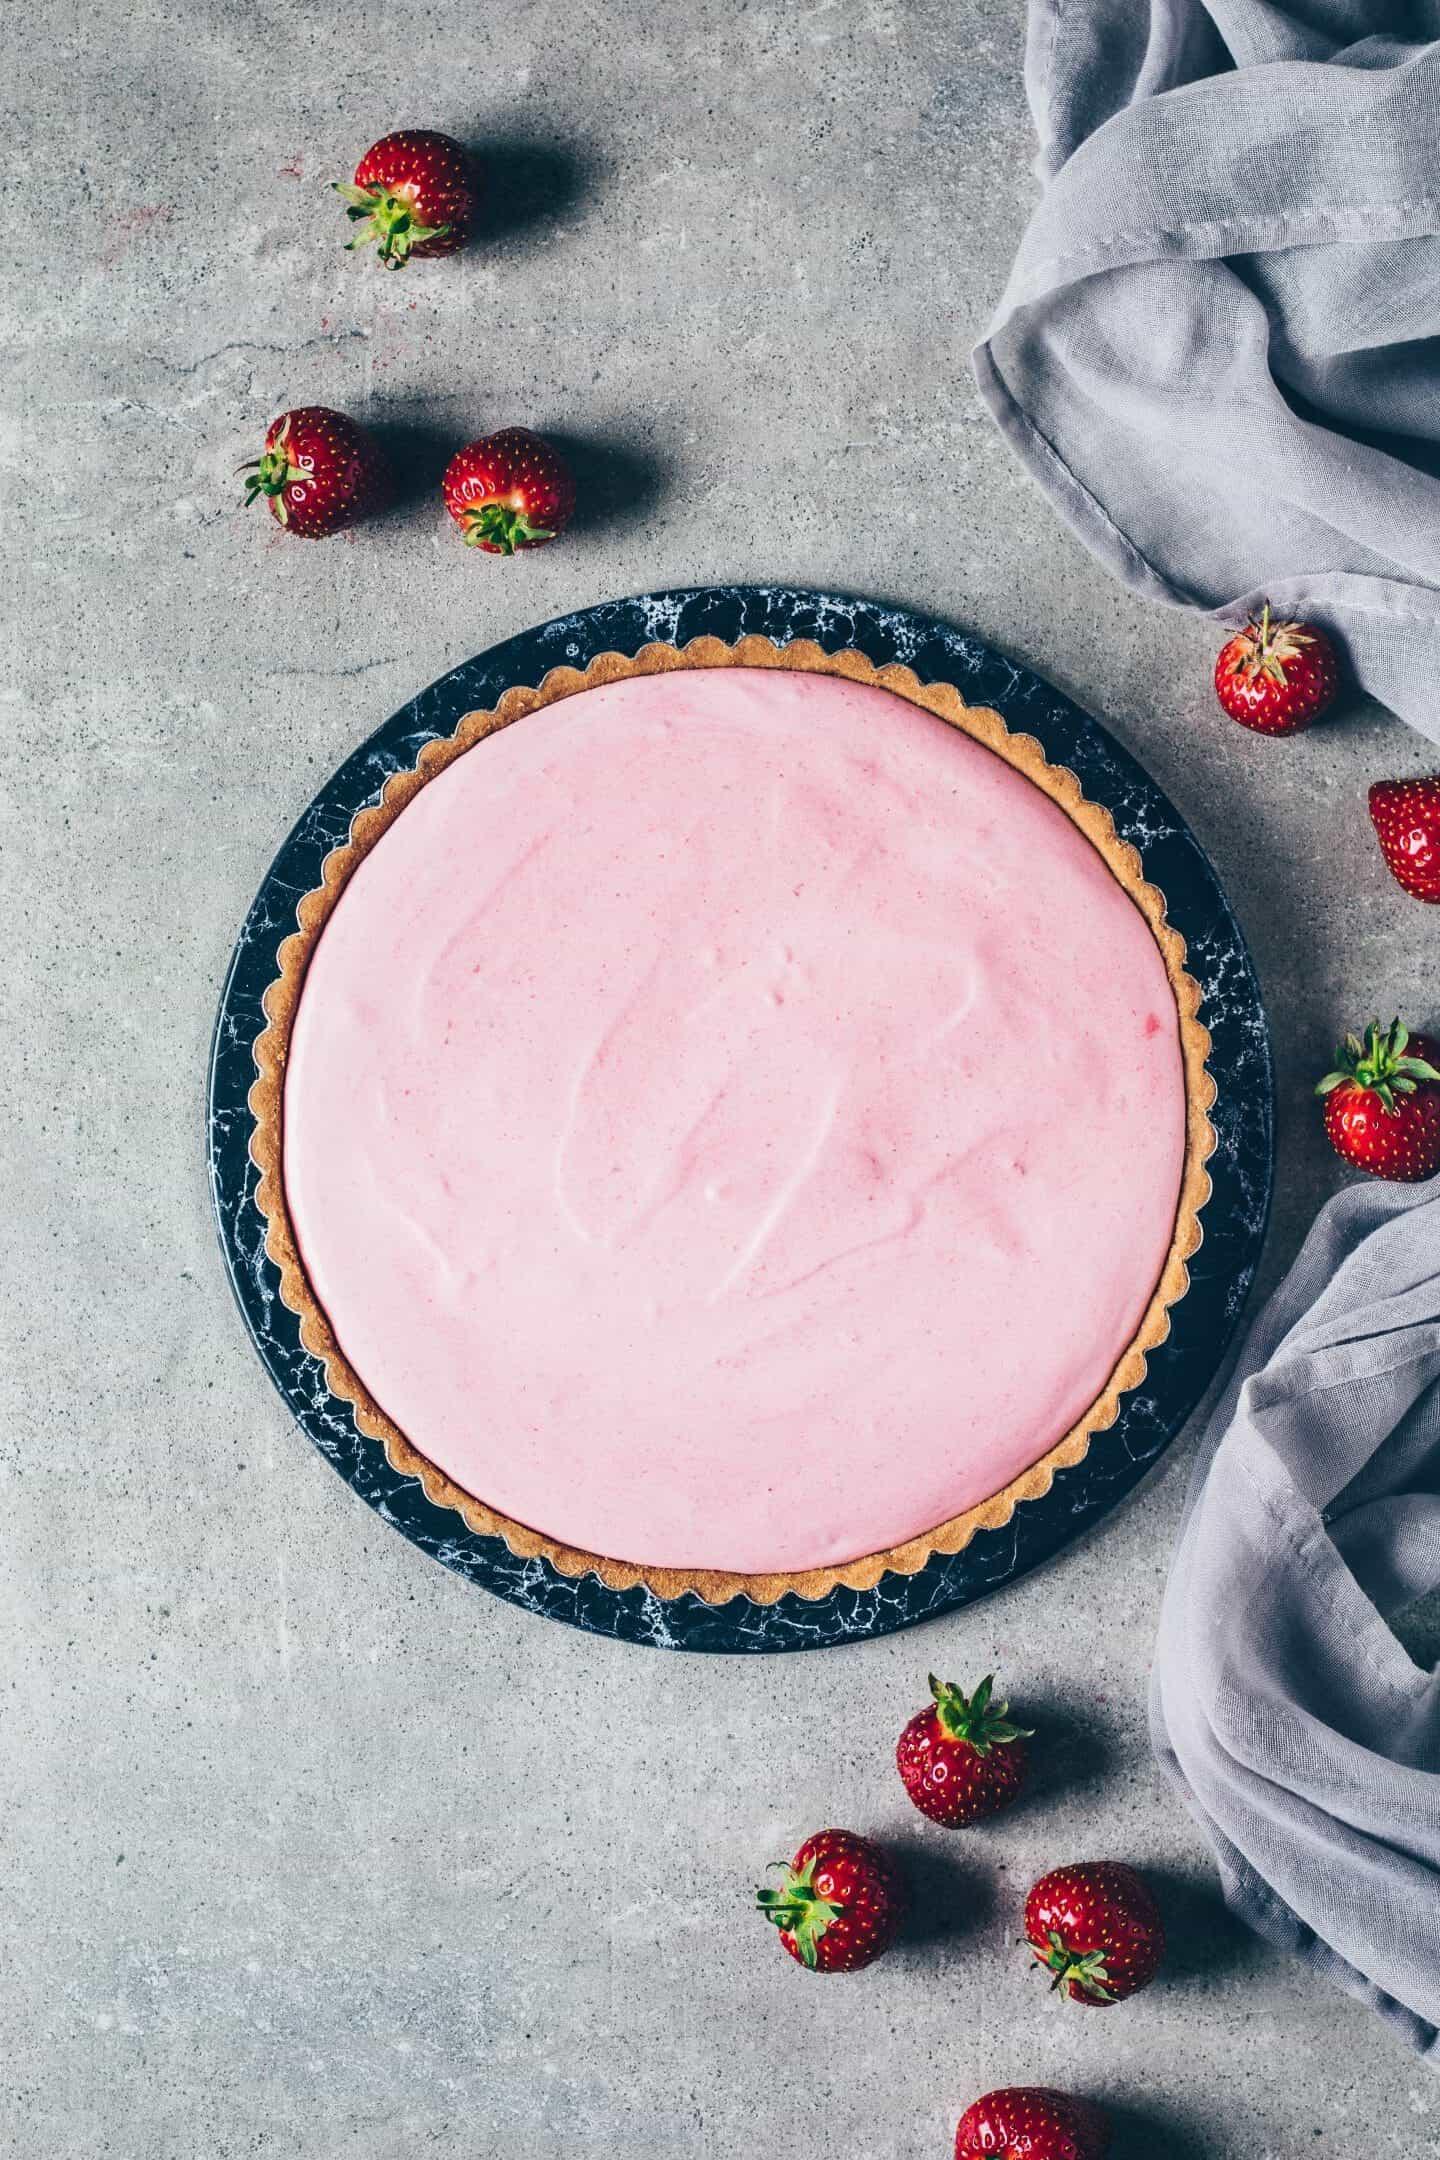 Einfache Erdbeer-Eistorte Rezept. Selbstgemachtes Erdbeer-Eis auf knusprigem Keksteig. Vegan, milchfrei, erfrischendes Sommer-Dessert.